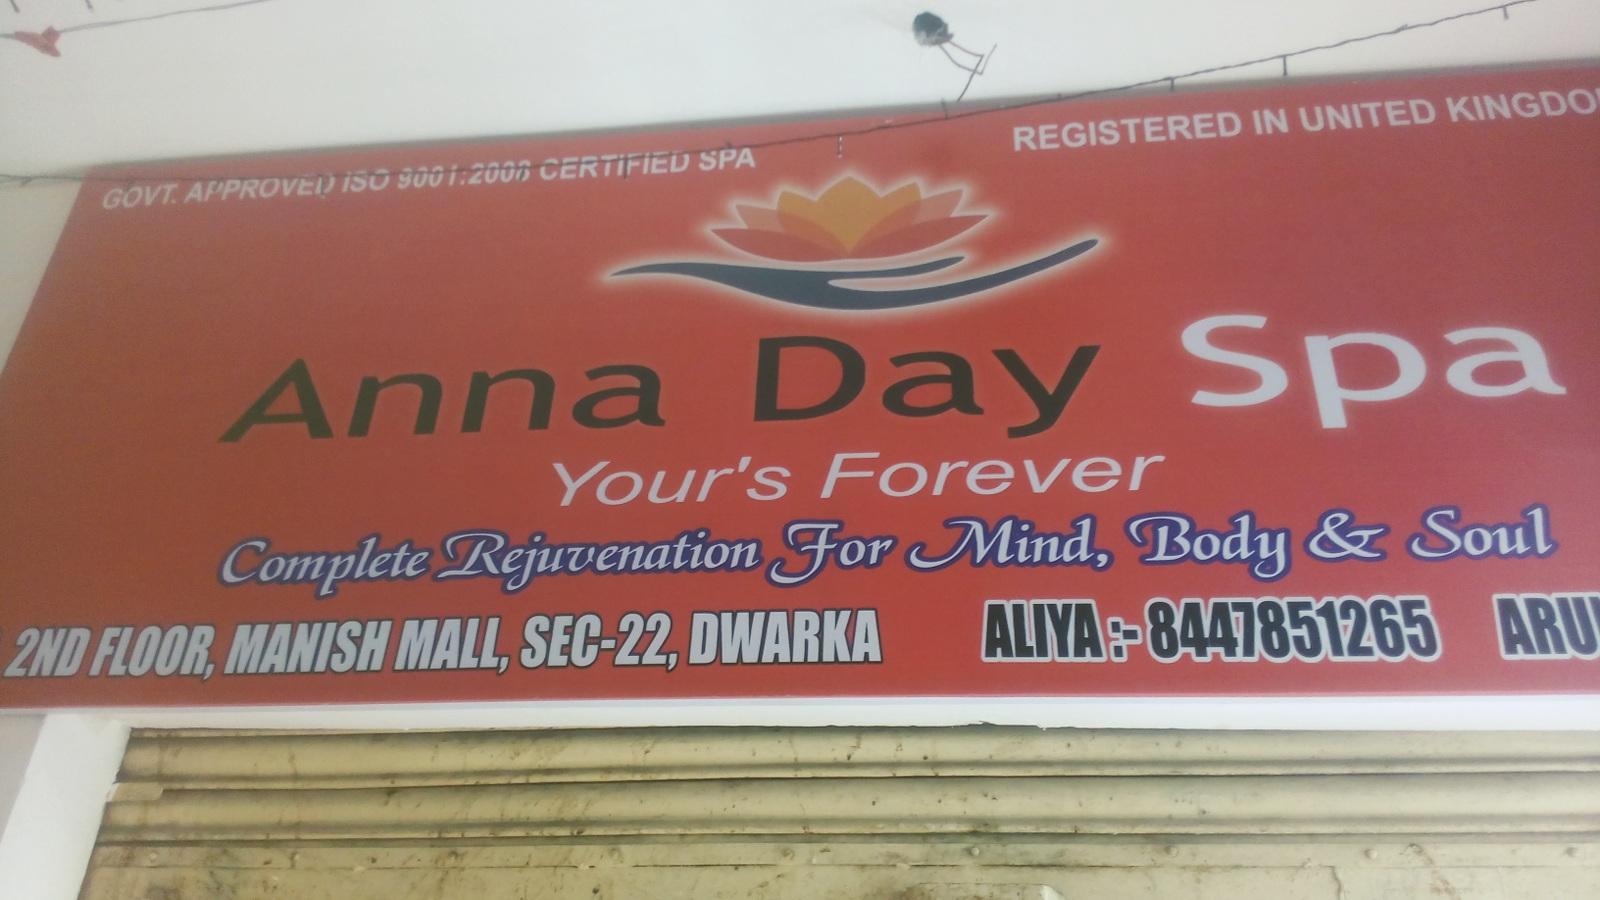 Anna Day Spa